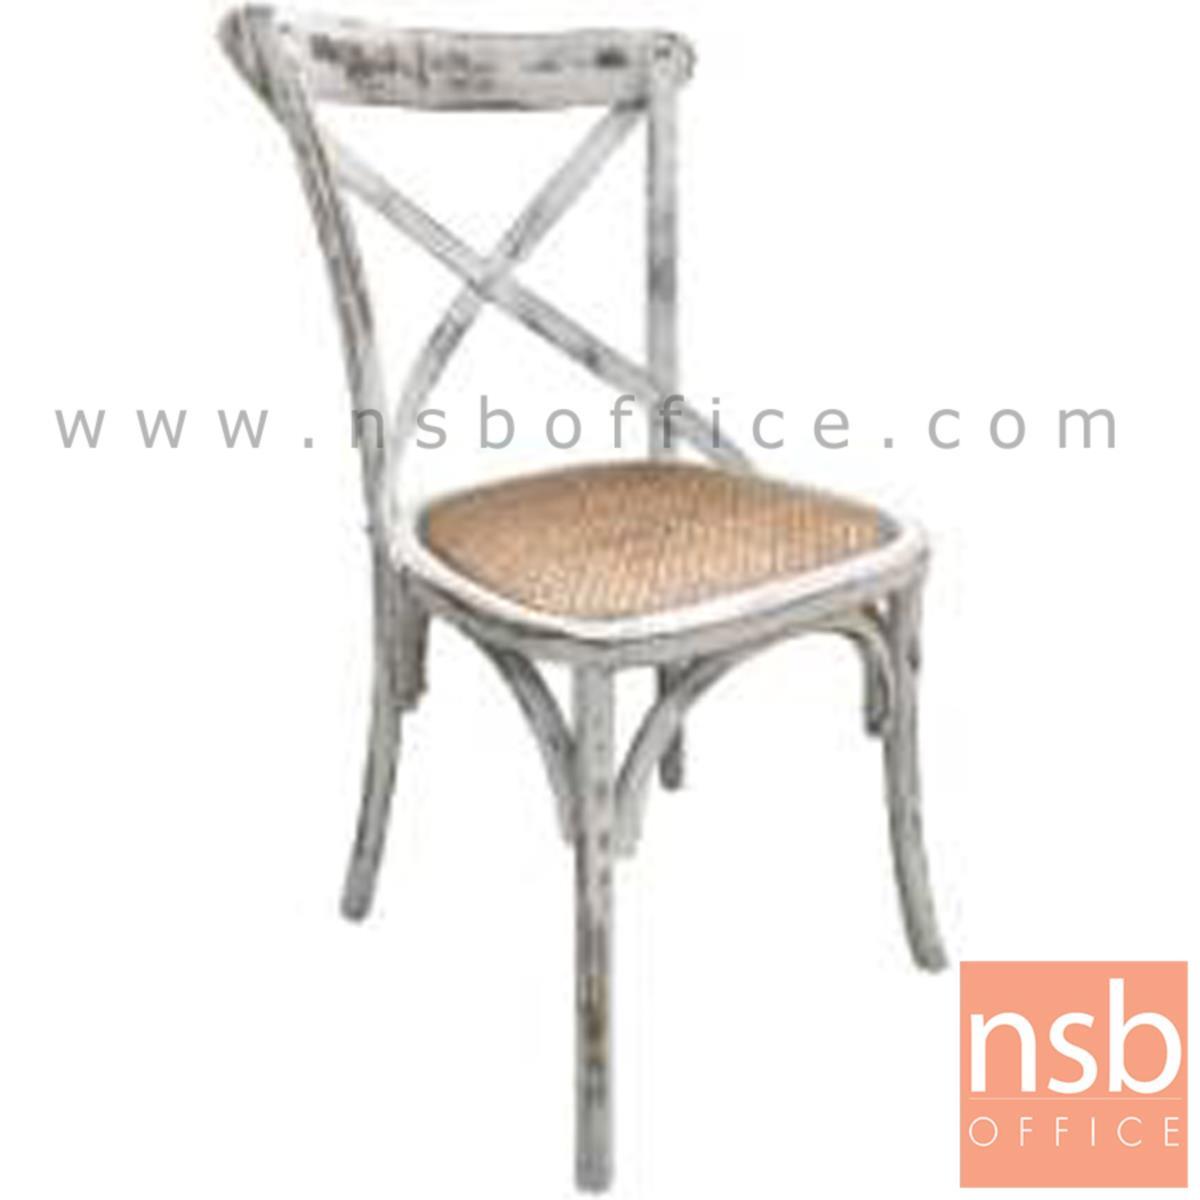 เก้าอี้โมเดิร์นหวายสาน รุ่น Alnatura  ขนาด 48W cm. โครงขาไม้ BIRCH (ชุดละ 2 ตัว)